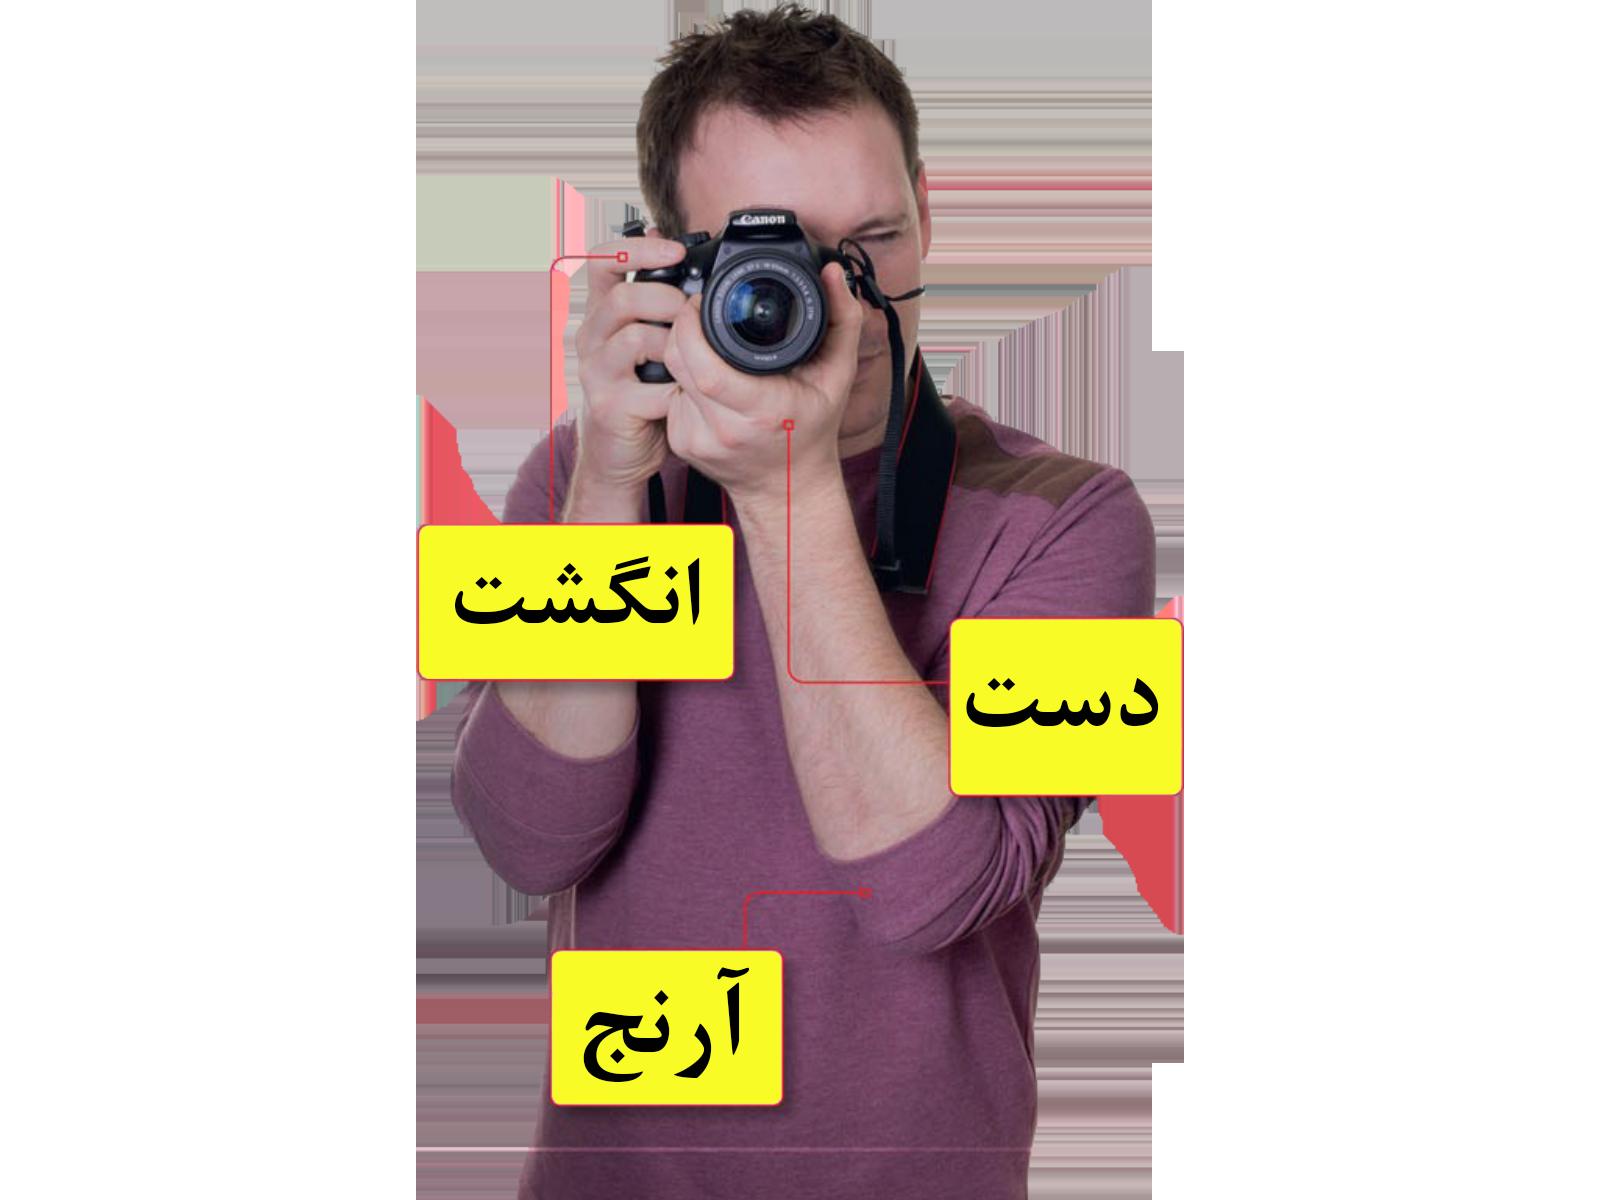 بهترین آموزشگاه عکاسی یاسوج